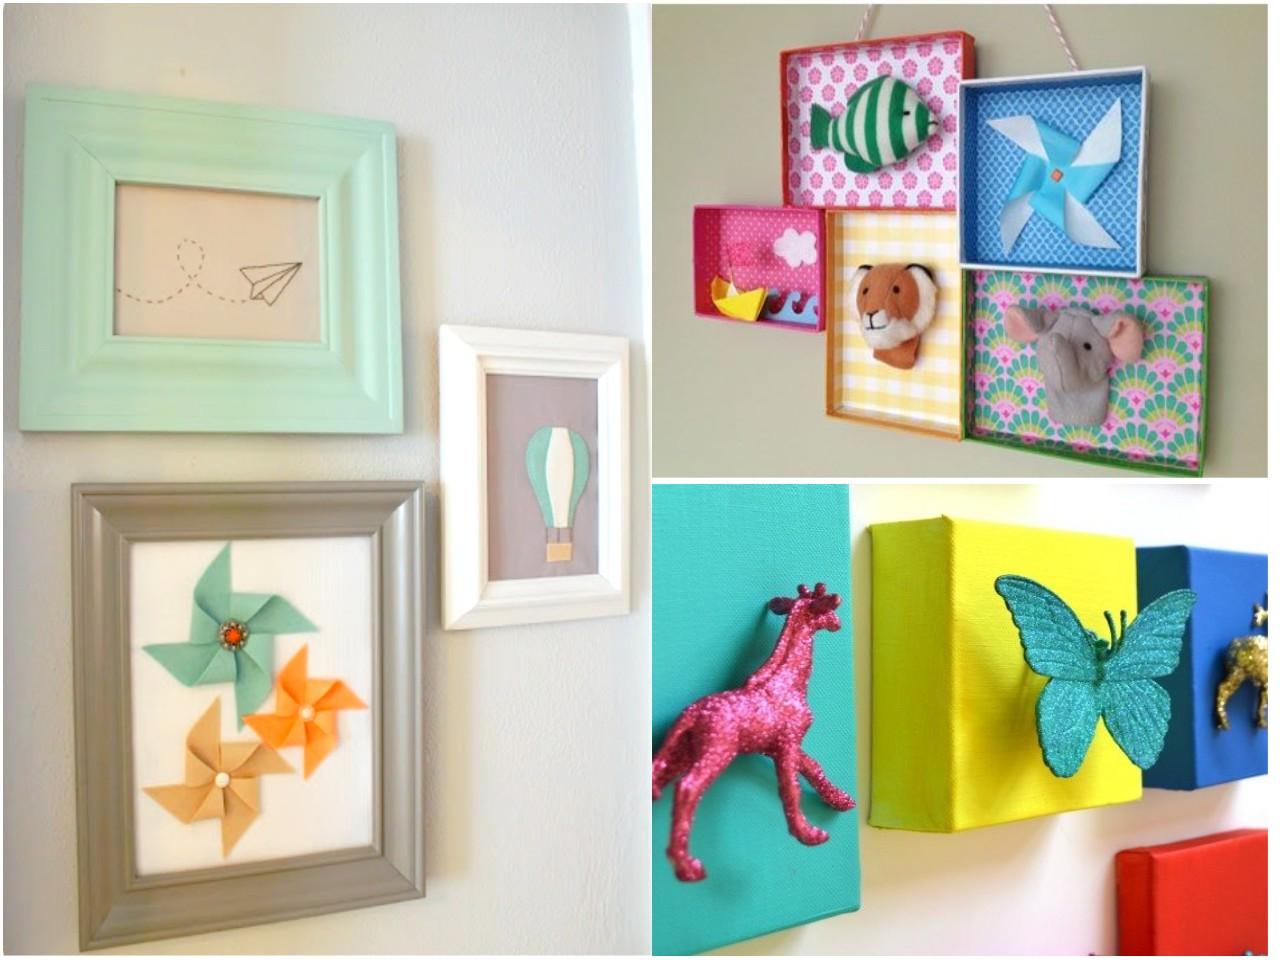 12 ideas econ micas para decorar habitaciones infantiles for Como decorar tu cuarto con manualidades